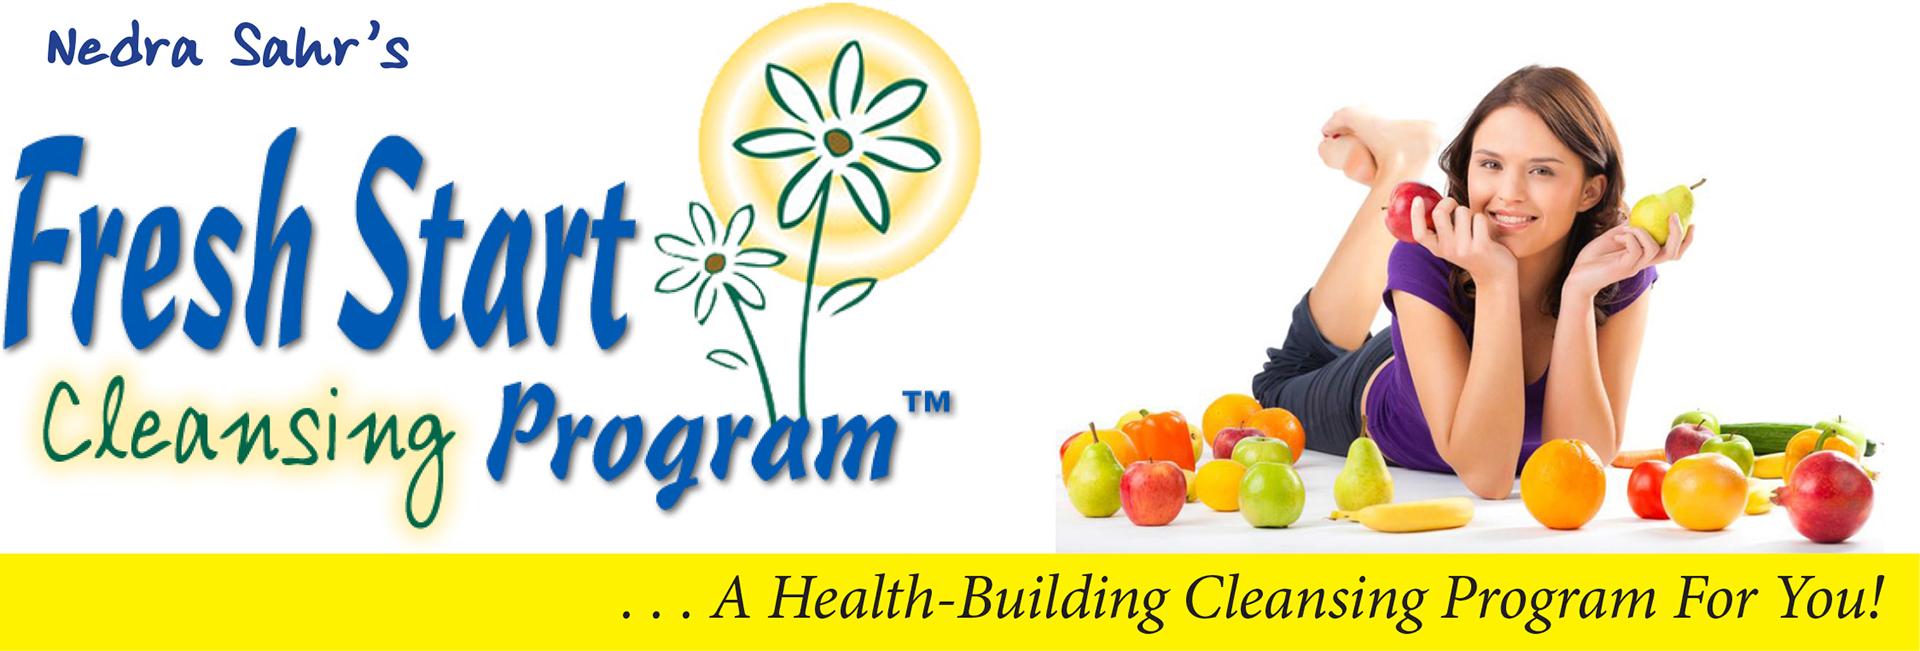 Fresh Start Program Header